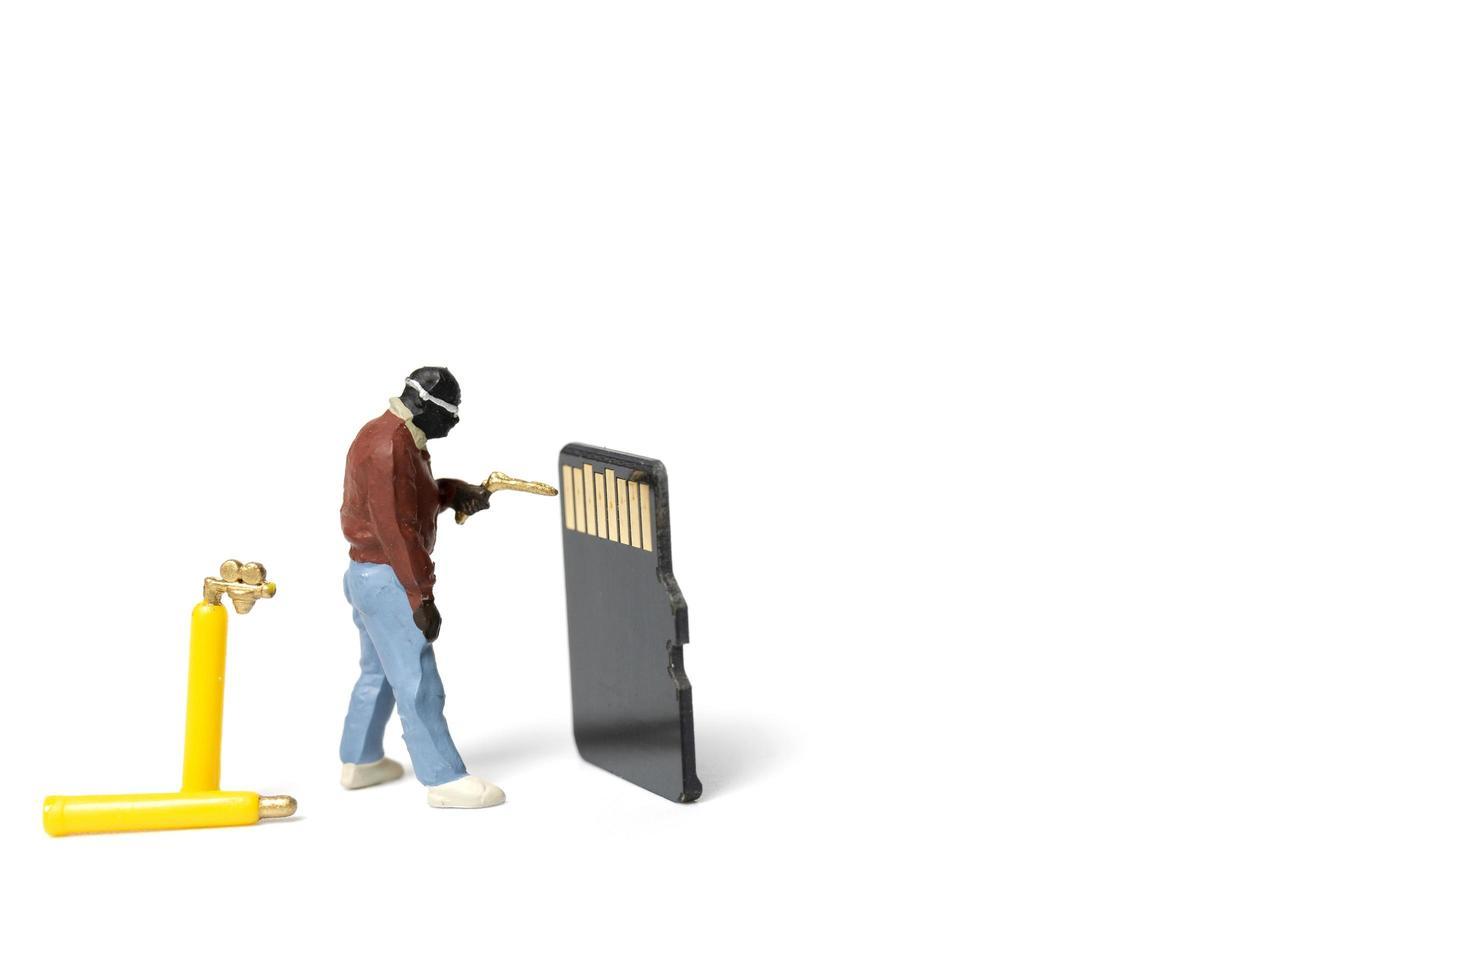 miniatuurtechnicus tot vaststelling van stapel SD-kaarten op een witte achtergrond foto